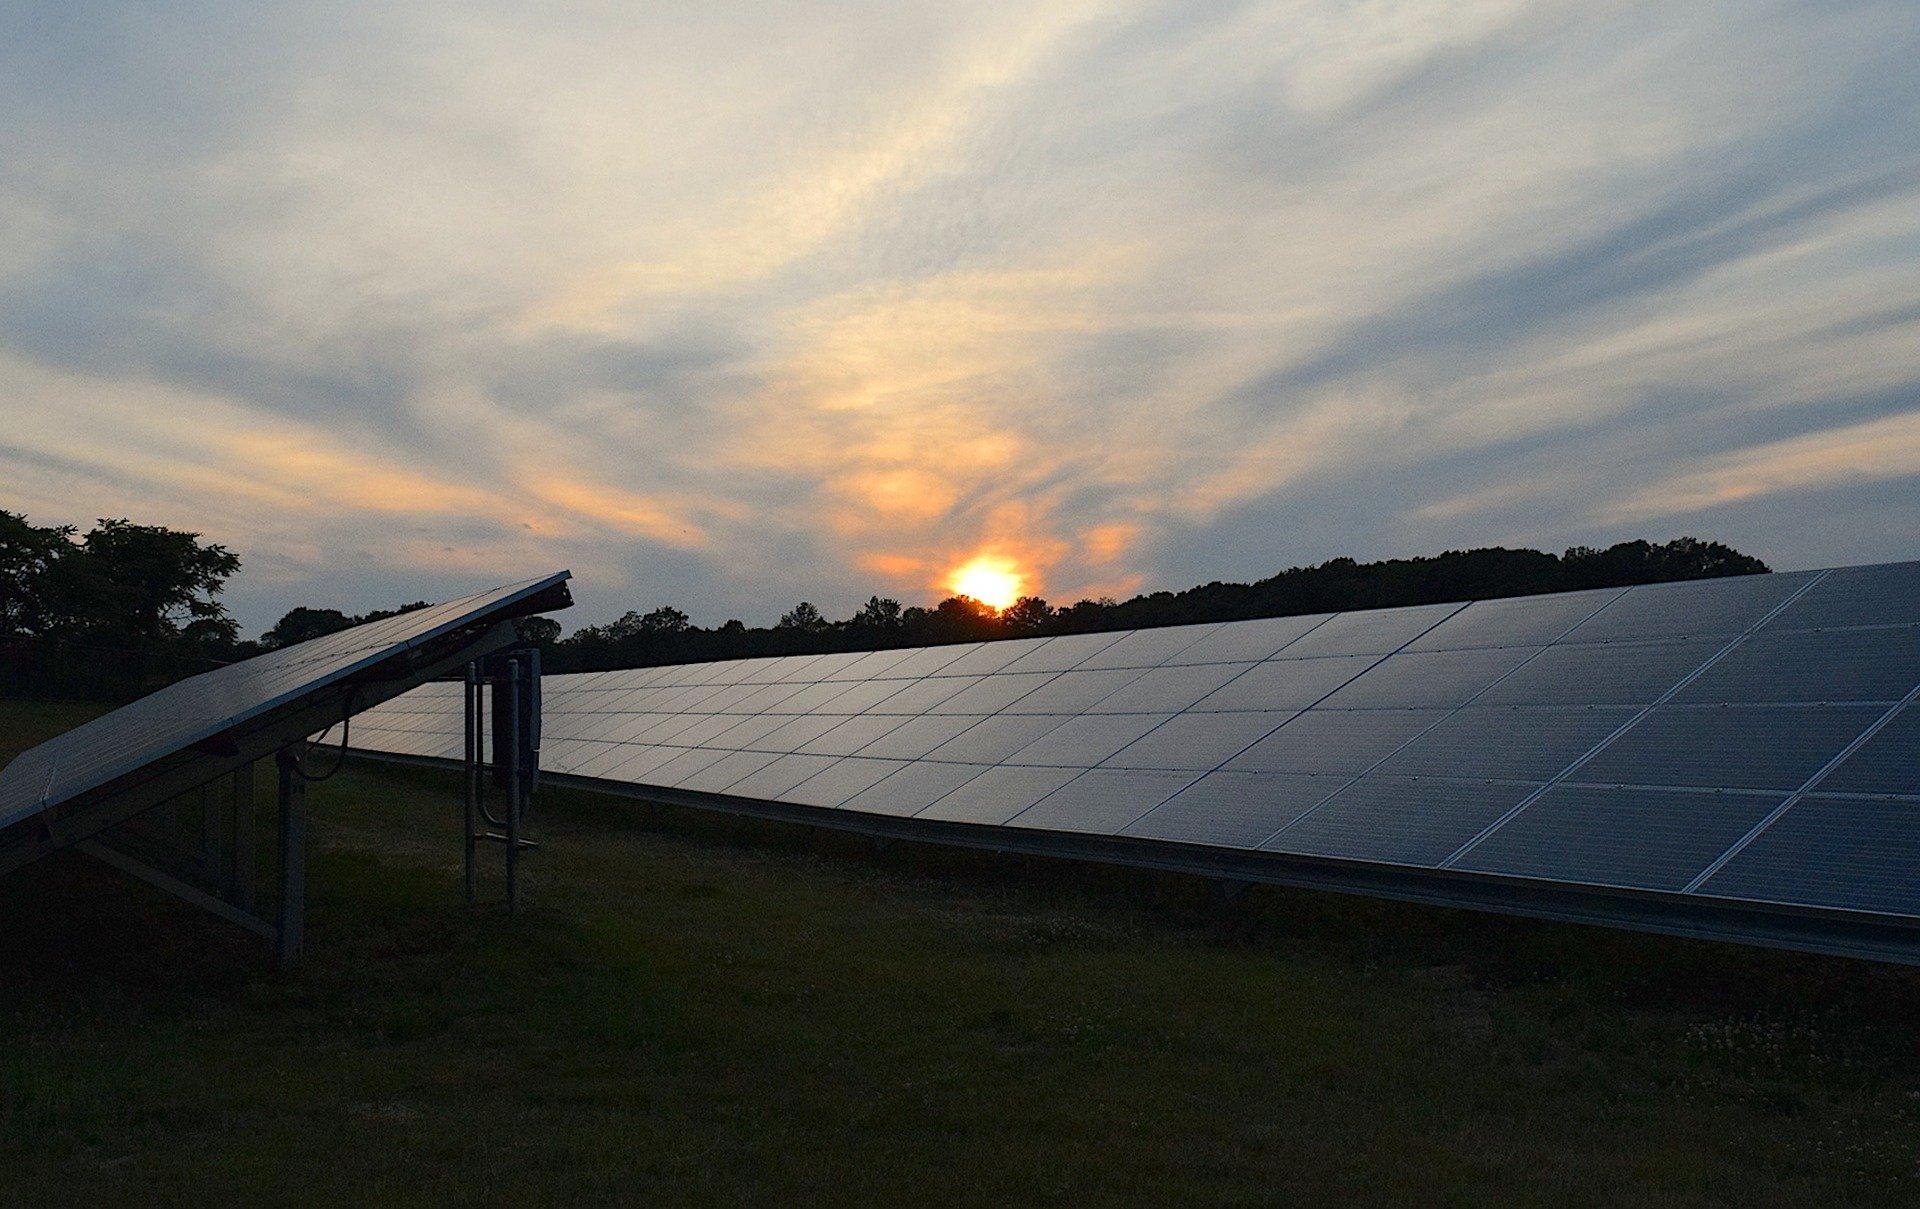 neoen 10 gw actifs renouvelables 2025 - L'Energeek